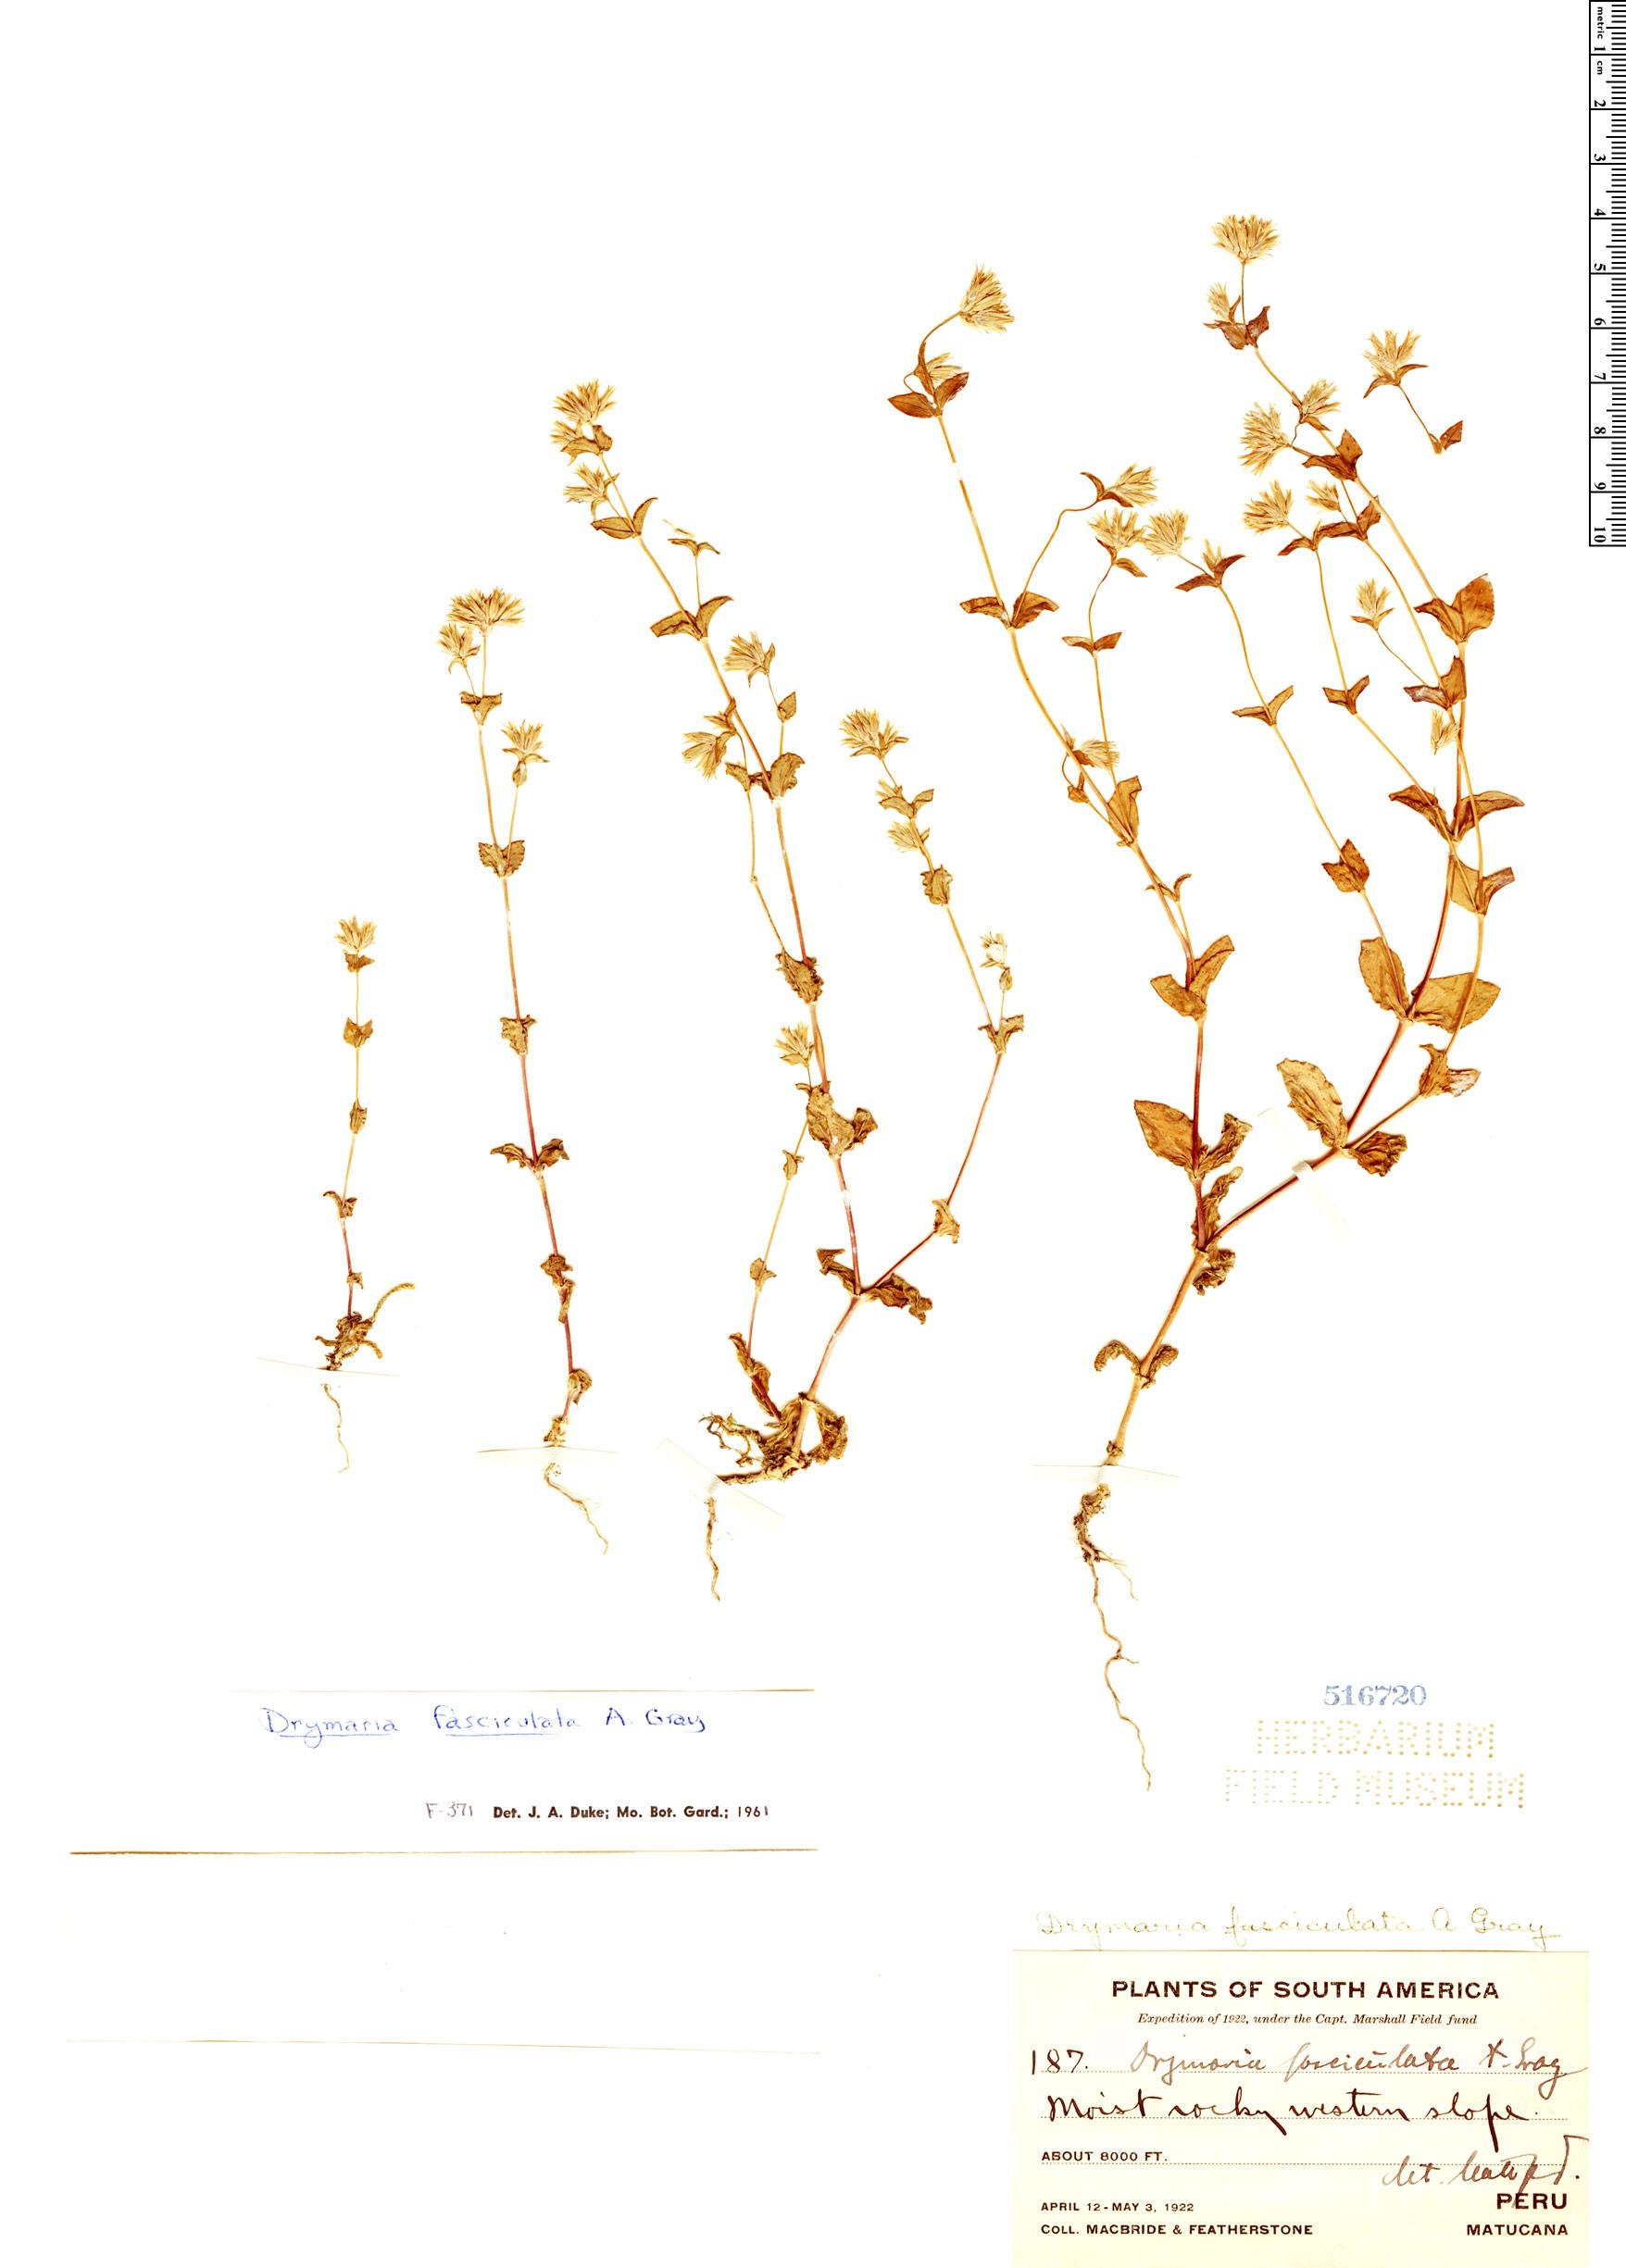 Specimen: Drymaria fasciculata